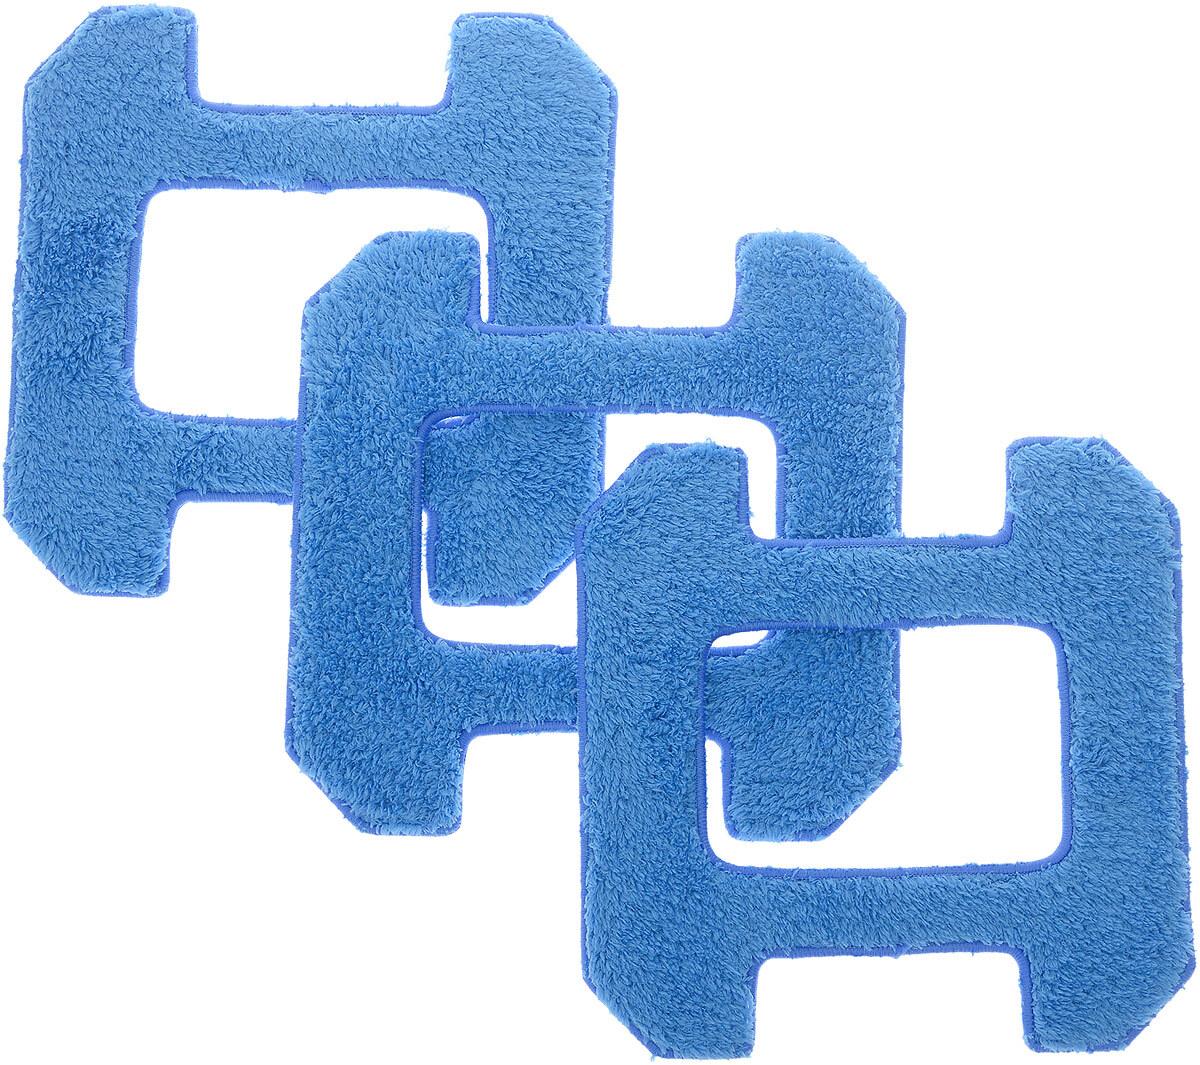 Чистящие салфетки Hobot-268 / Hobot-288 (синие) (комплект из 3 шт.) Синие салфетки с длинным ворсом...